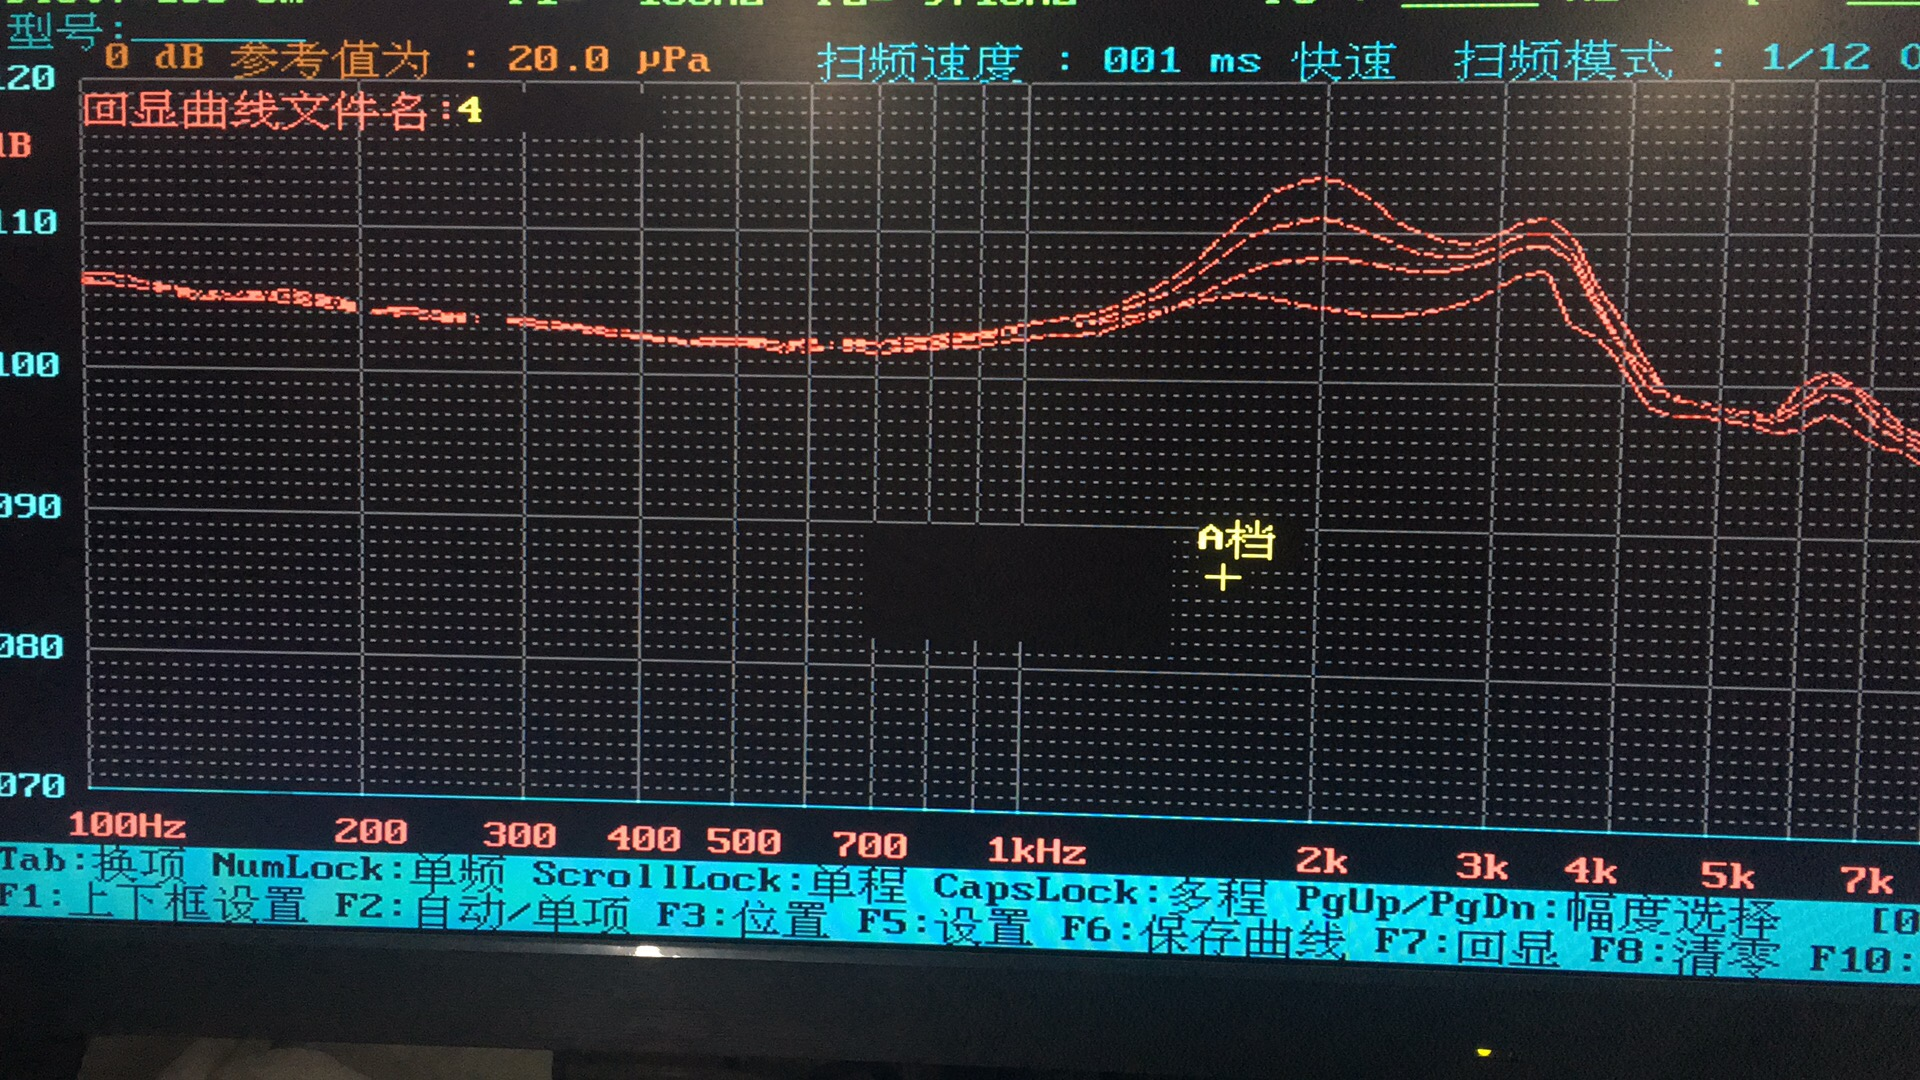 EFA05718-0B7C-4F0D-A997-192A3B35F74D.jpeg